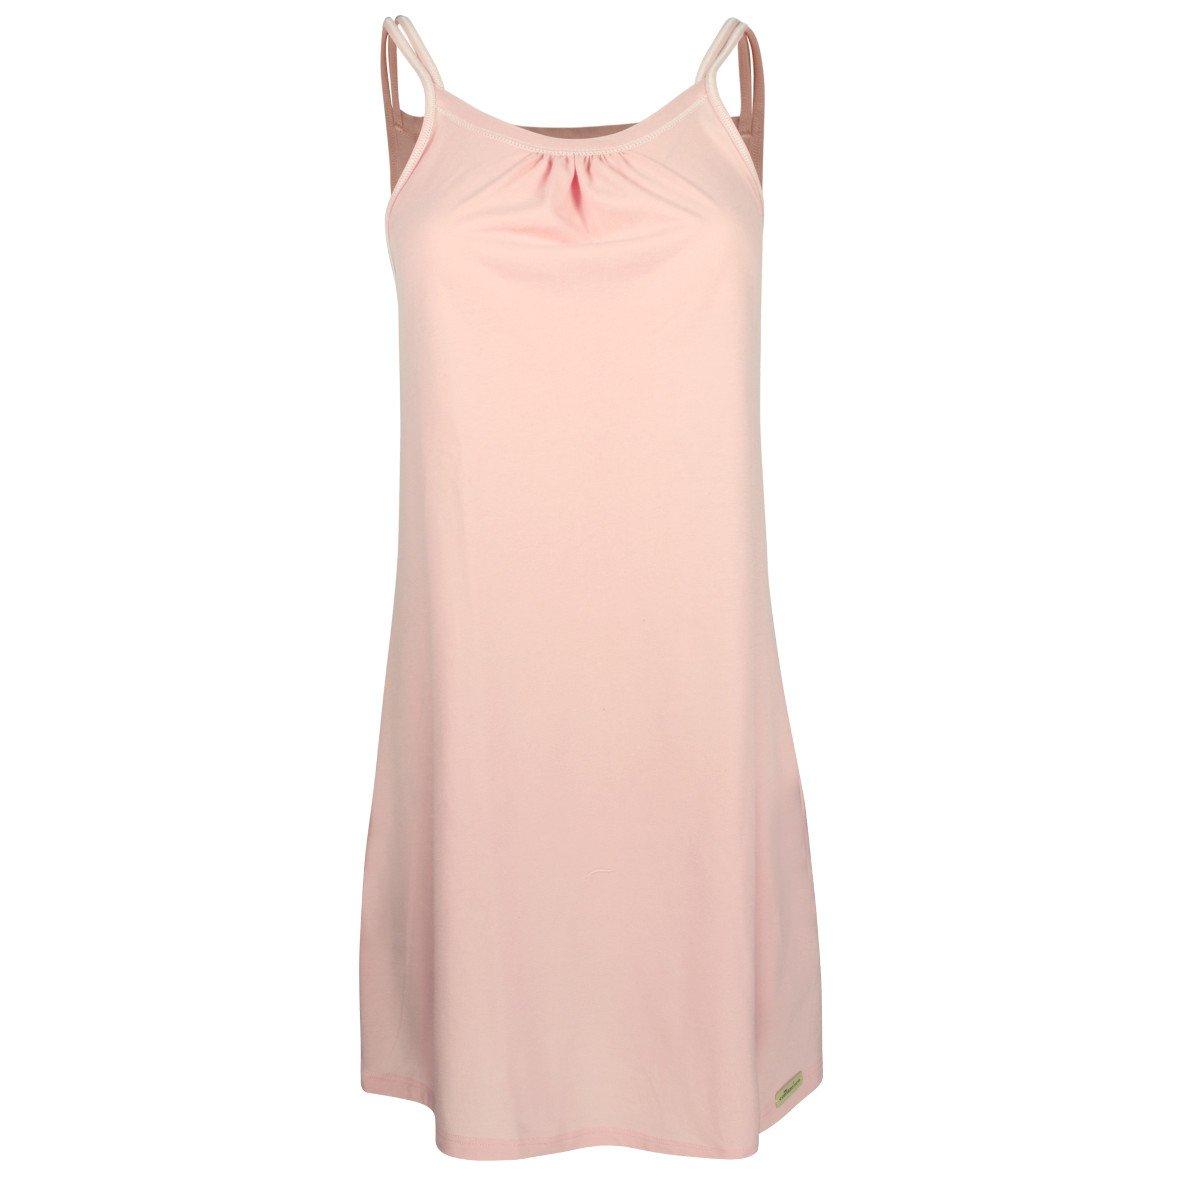 Camicia da notte con spallini Rosa in cotone bio-equo